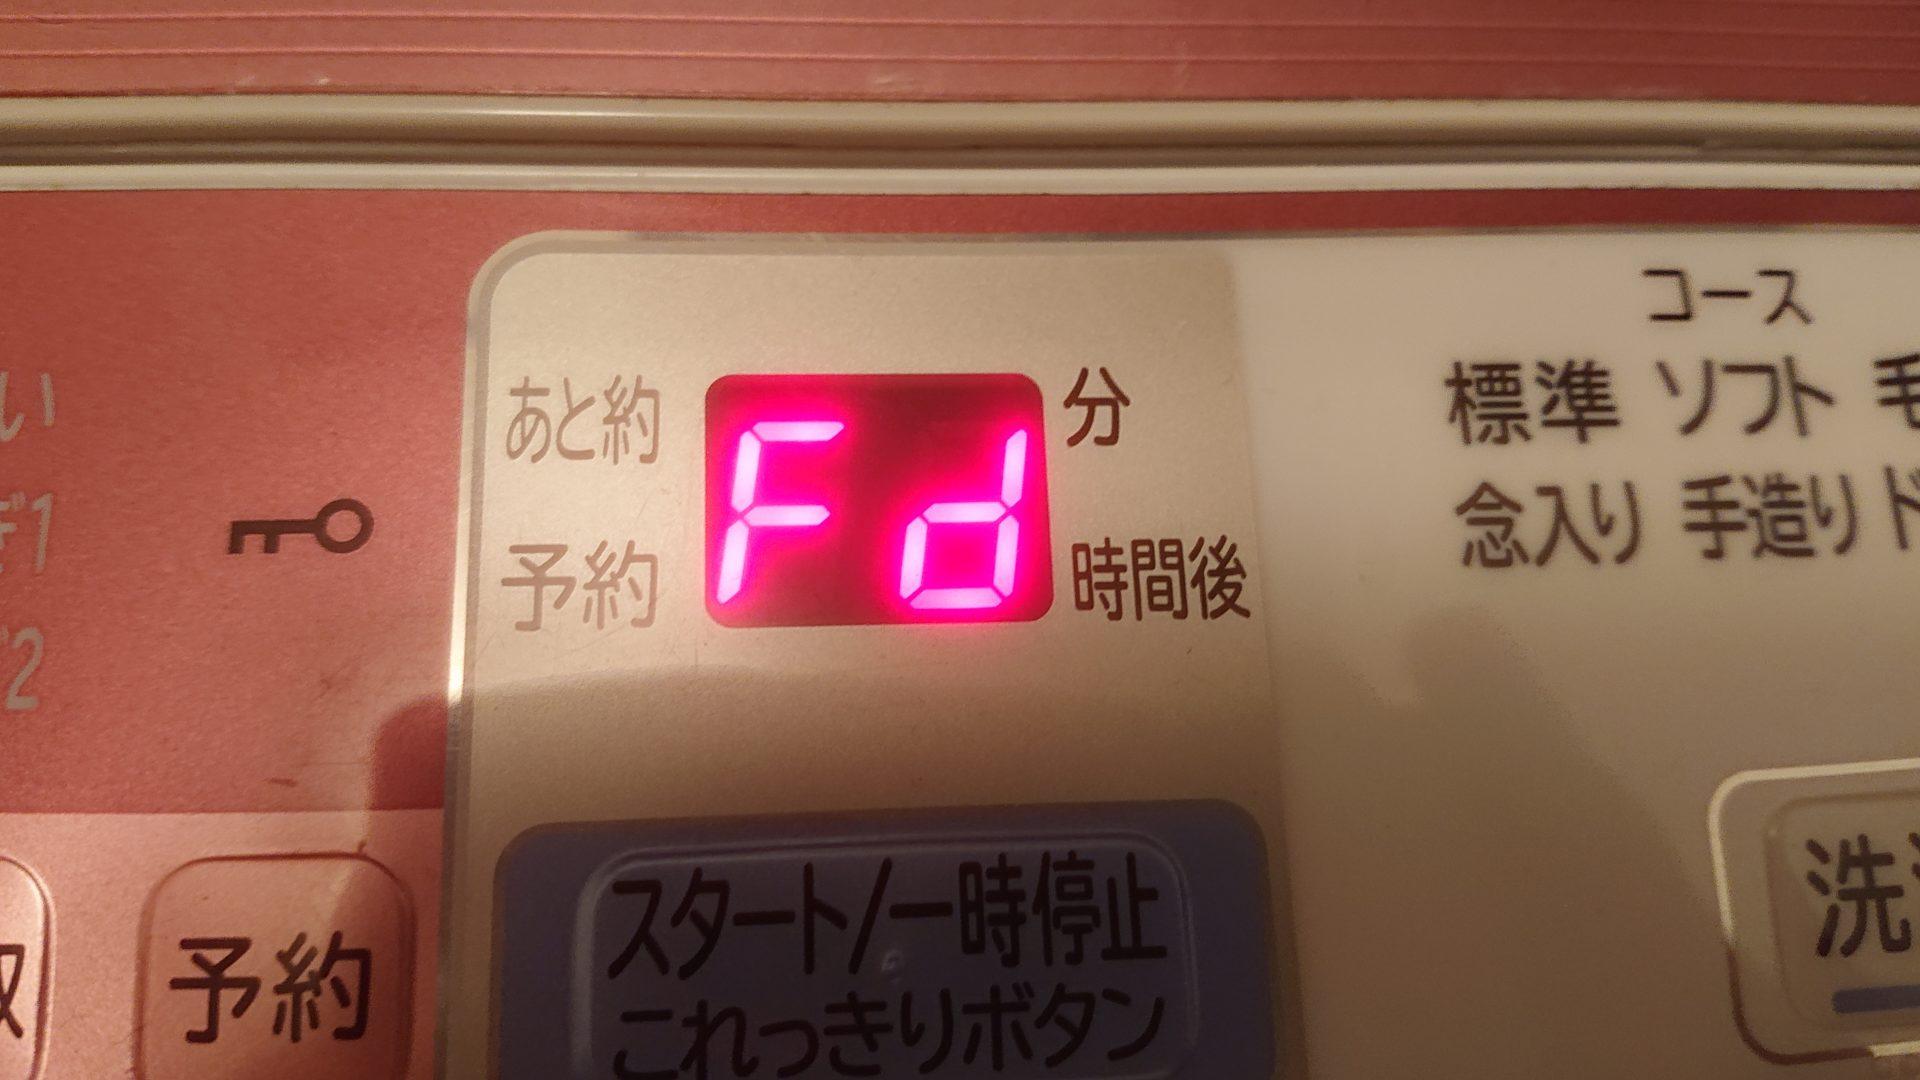 日立洗濯機 ビートウォッシュ 故障